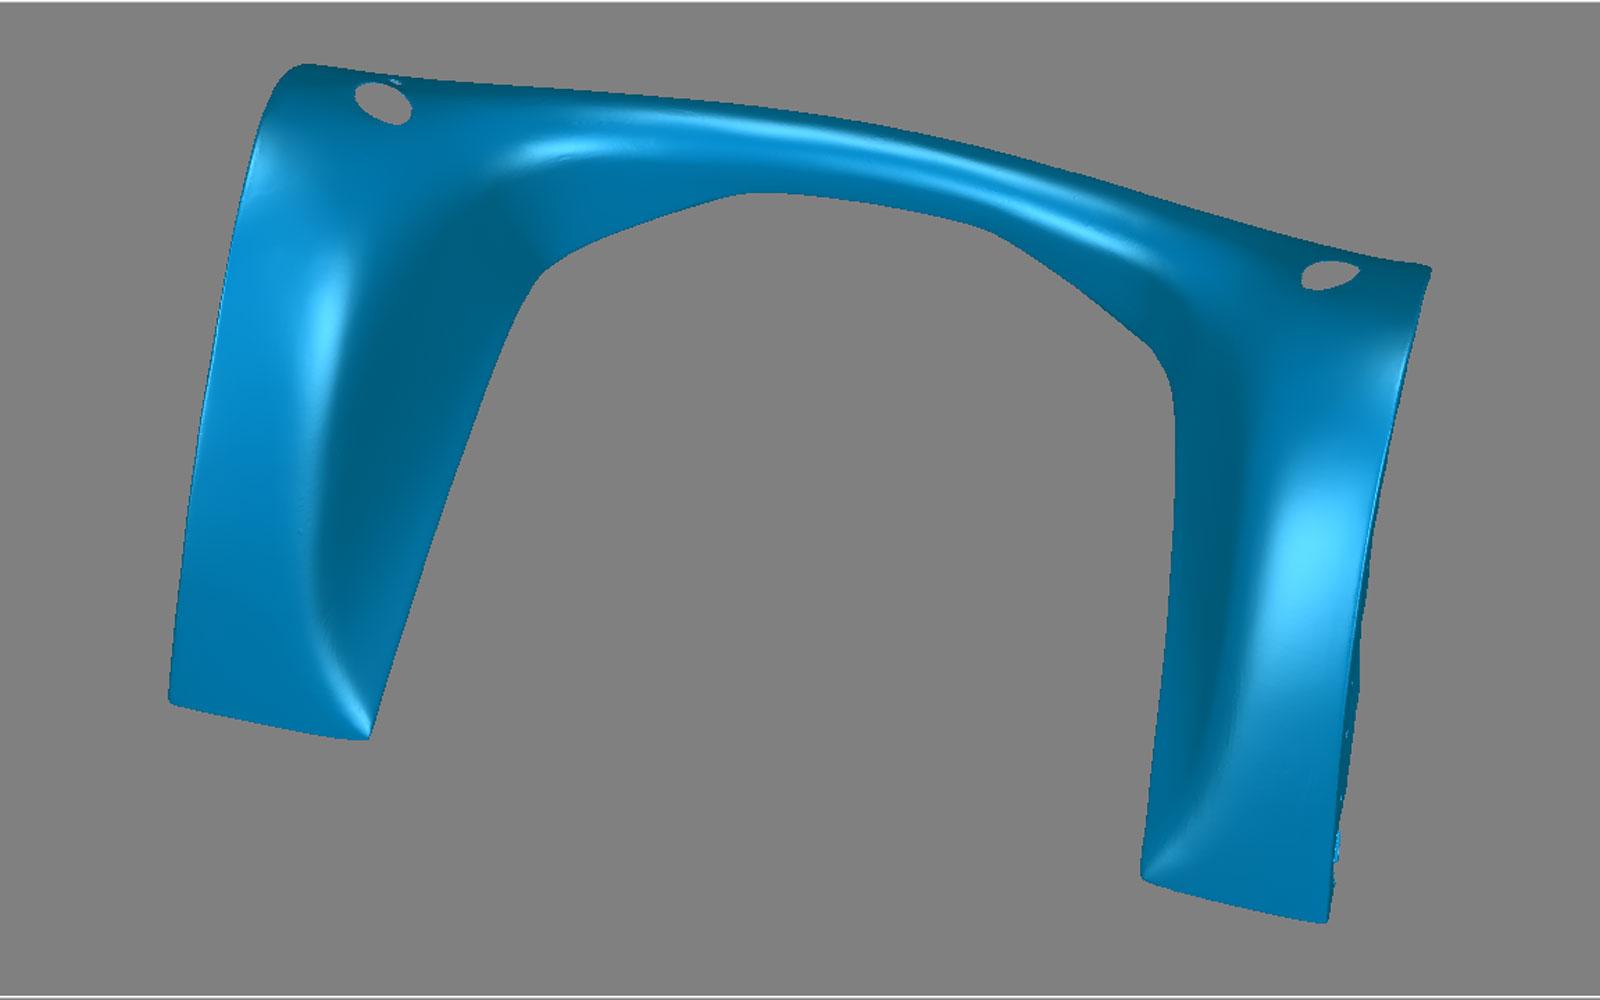 Conap 3D Reverse Engineering - Kotflügel eines Oldtimers auf dem Messtisch